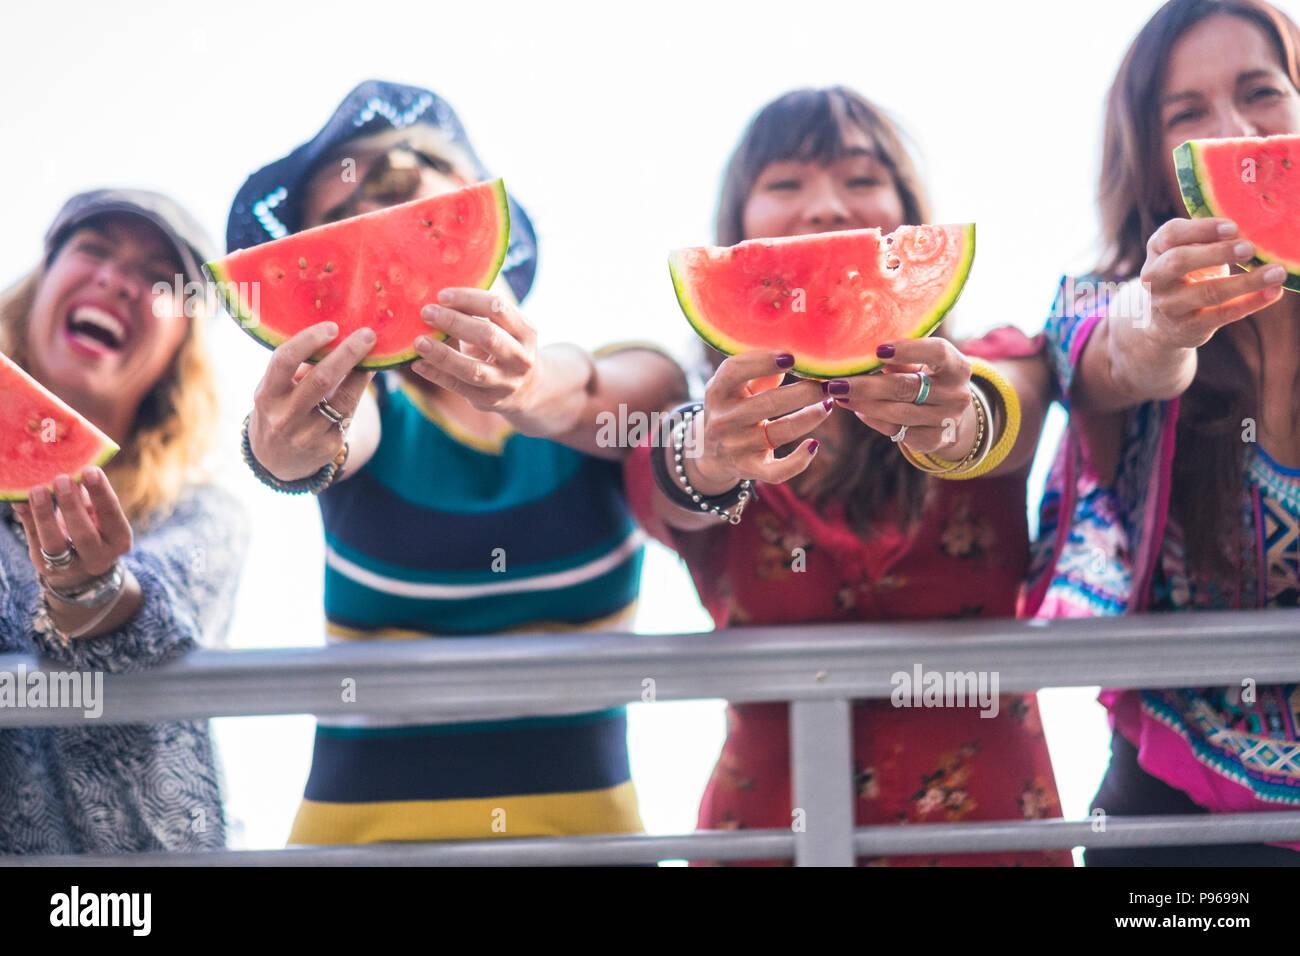 Quatre belles jeunes femmes happy woman eating watermelon pour célébrer l'été et chaude journée avec soleil près de l'océan. de belles couleurs pour un groupe de Photo Stock